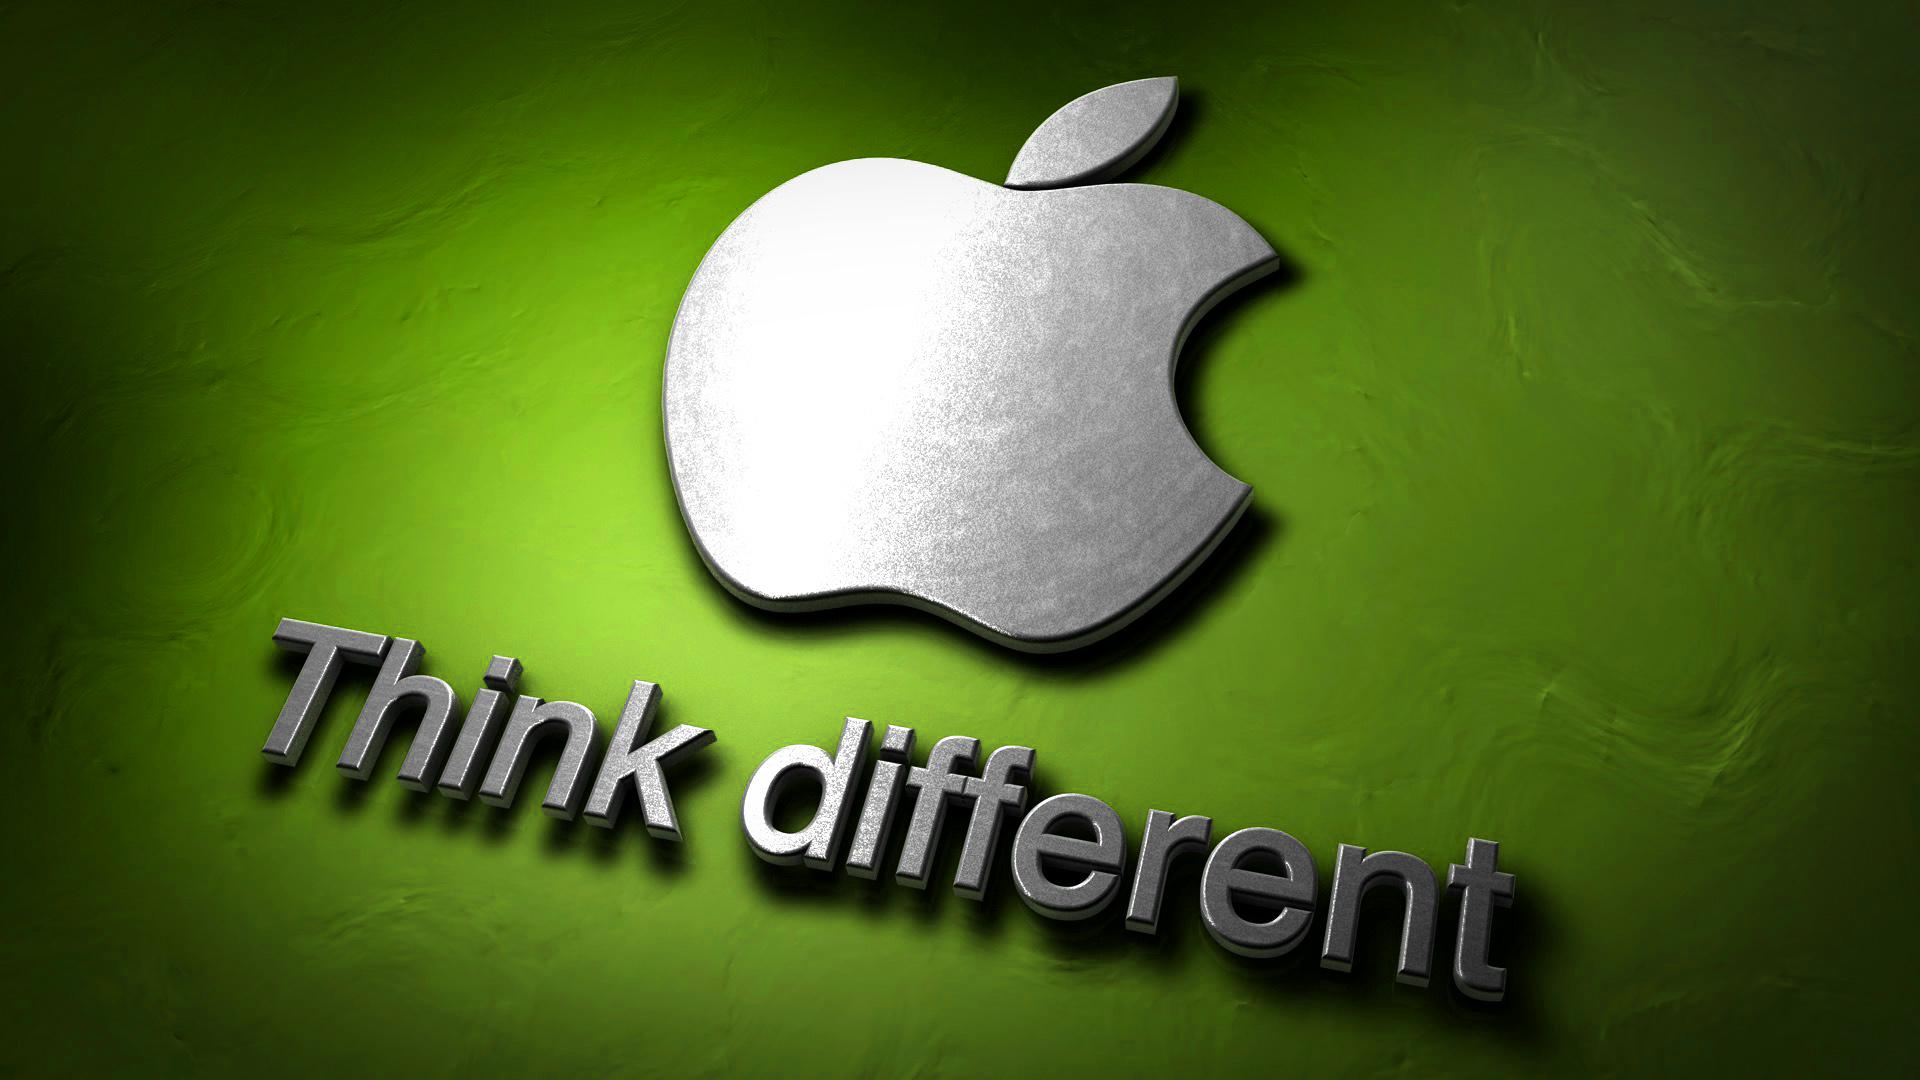 think different 7.1 greenrubasu on deviantart